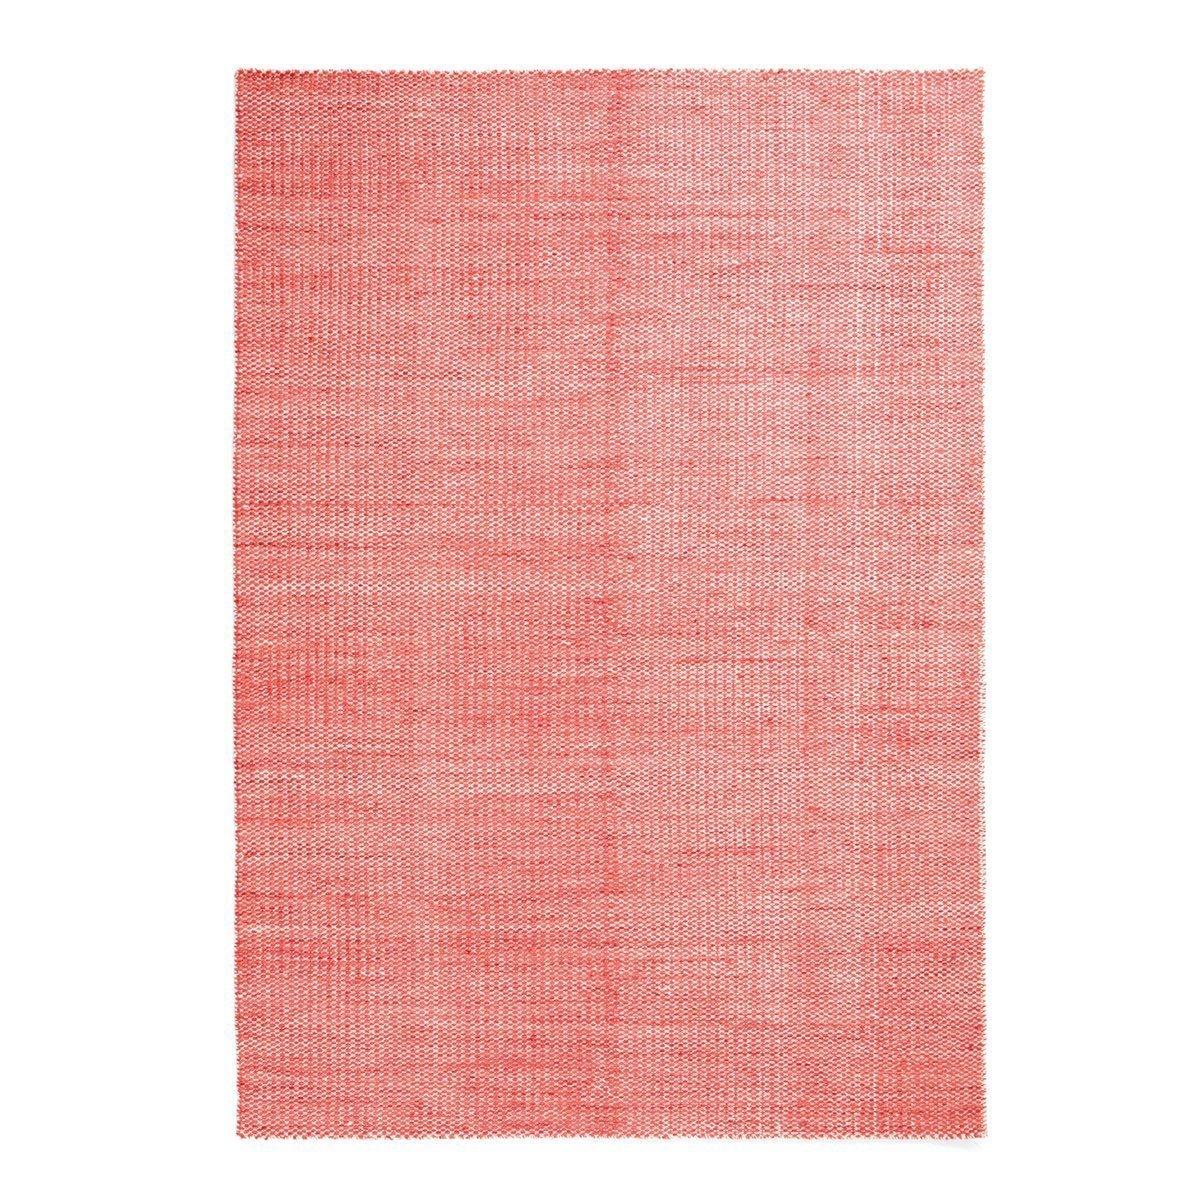 HAY Moir� Vloerkleed Koraal - l. 240 x b. 170 cm.